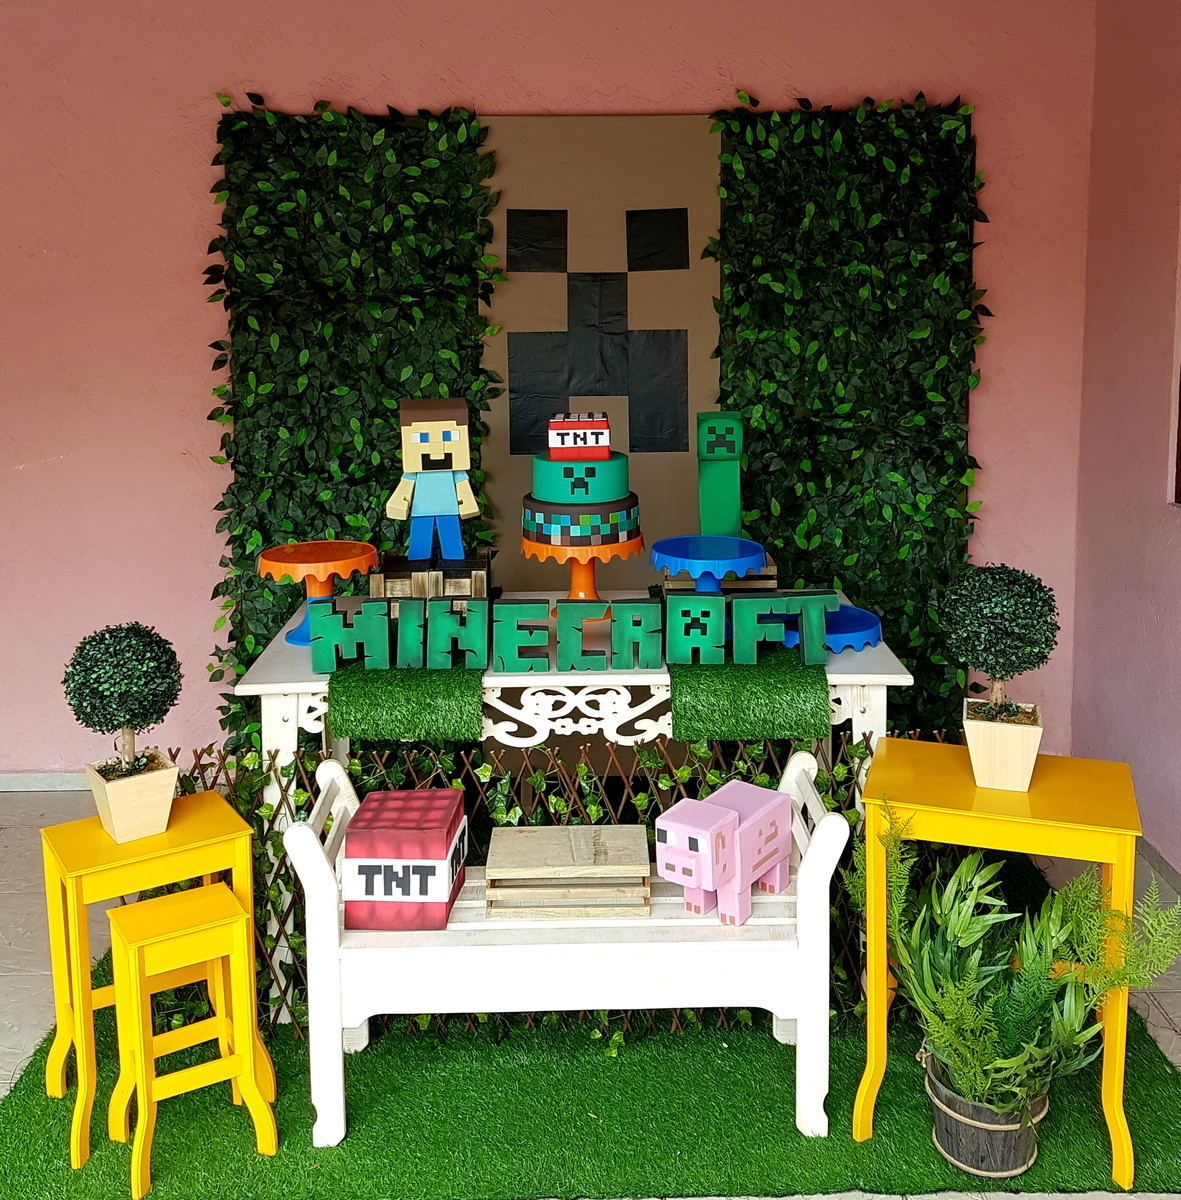 Aluguel Decoraç u00e3o Festa Minecraft no Elo7 Convites e Festas (71D112) -> Decoração De Aniversario Infantil Com Tnt